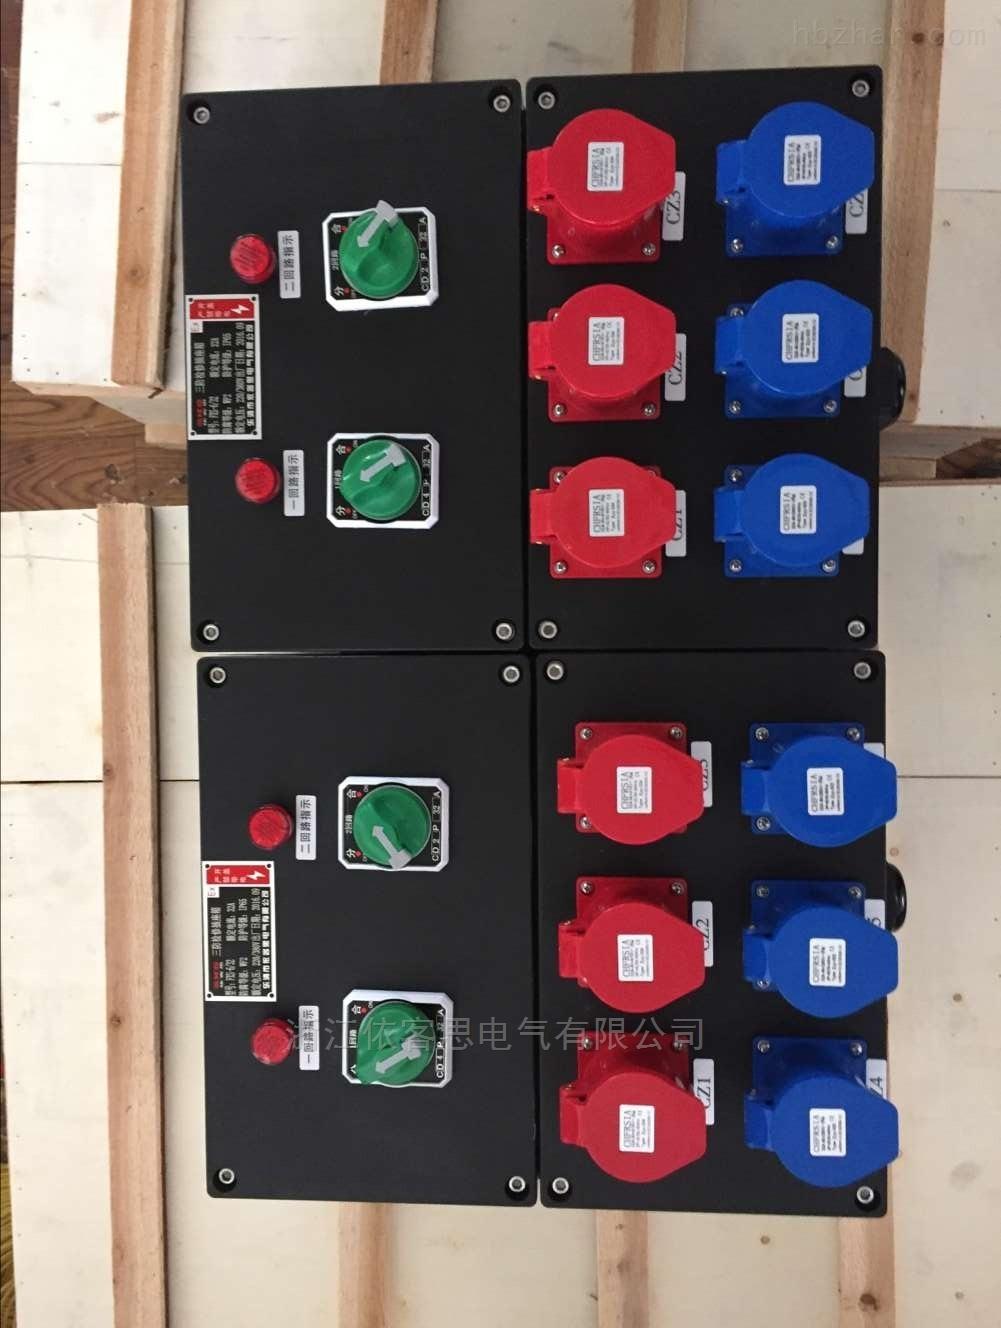 工程塑料三防检修插座箱防水防尘防腐控制箱